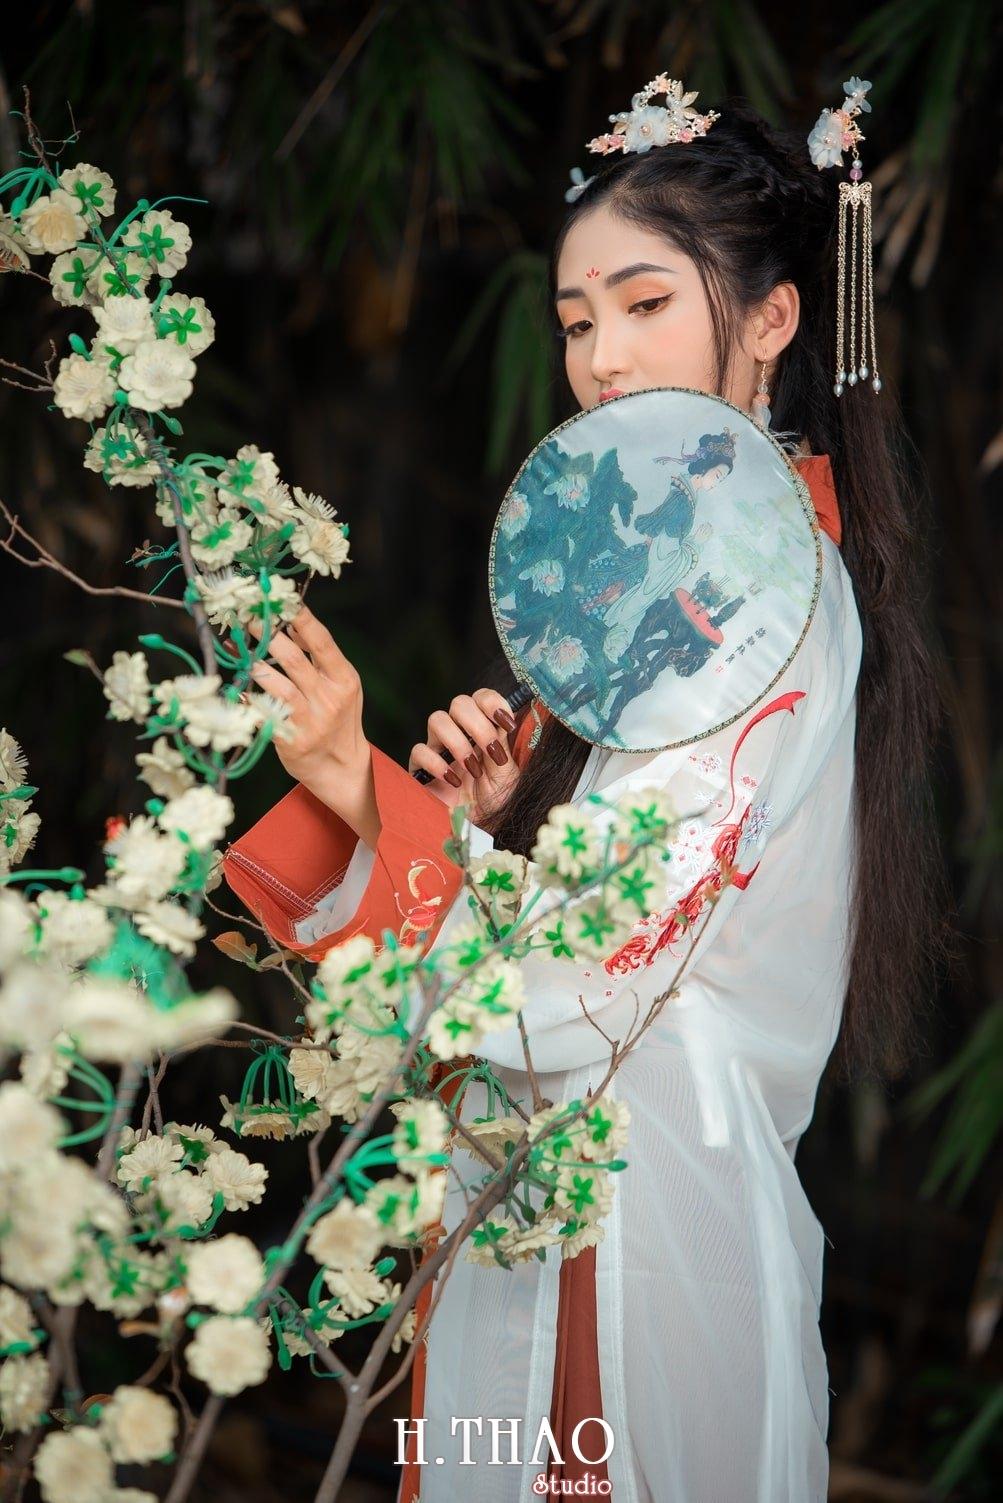 Anh co trang nu 7 - Bộ ảnh cổ trang chụp theo concept tiểu long nữ nhẹ nhàng - HThao Studio